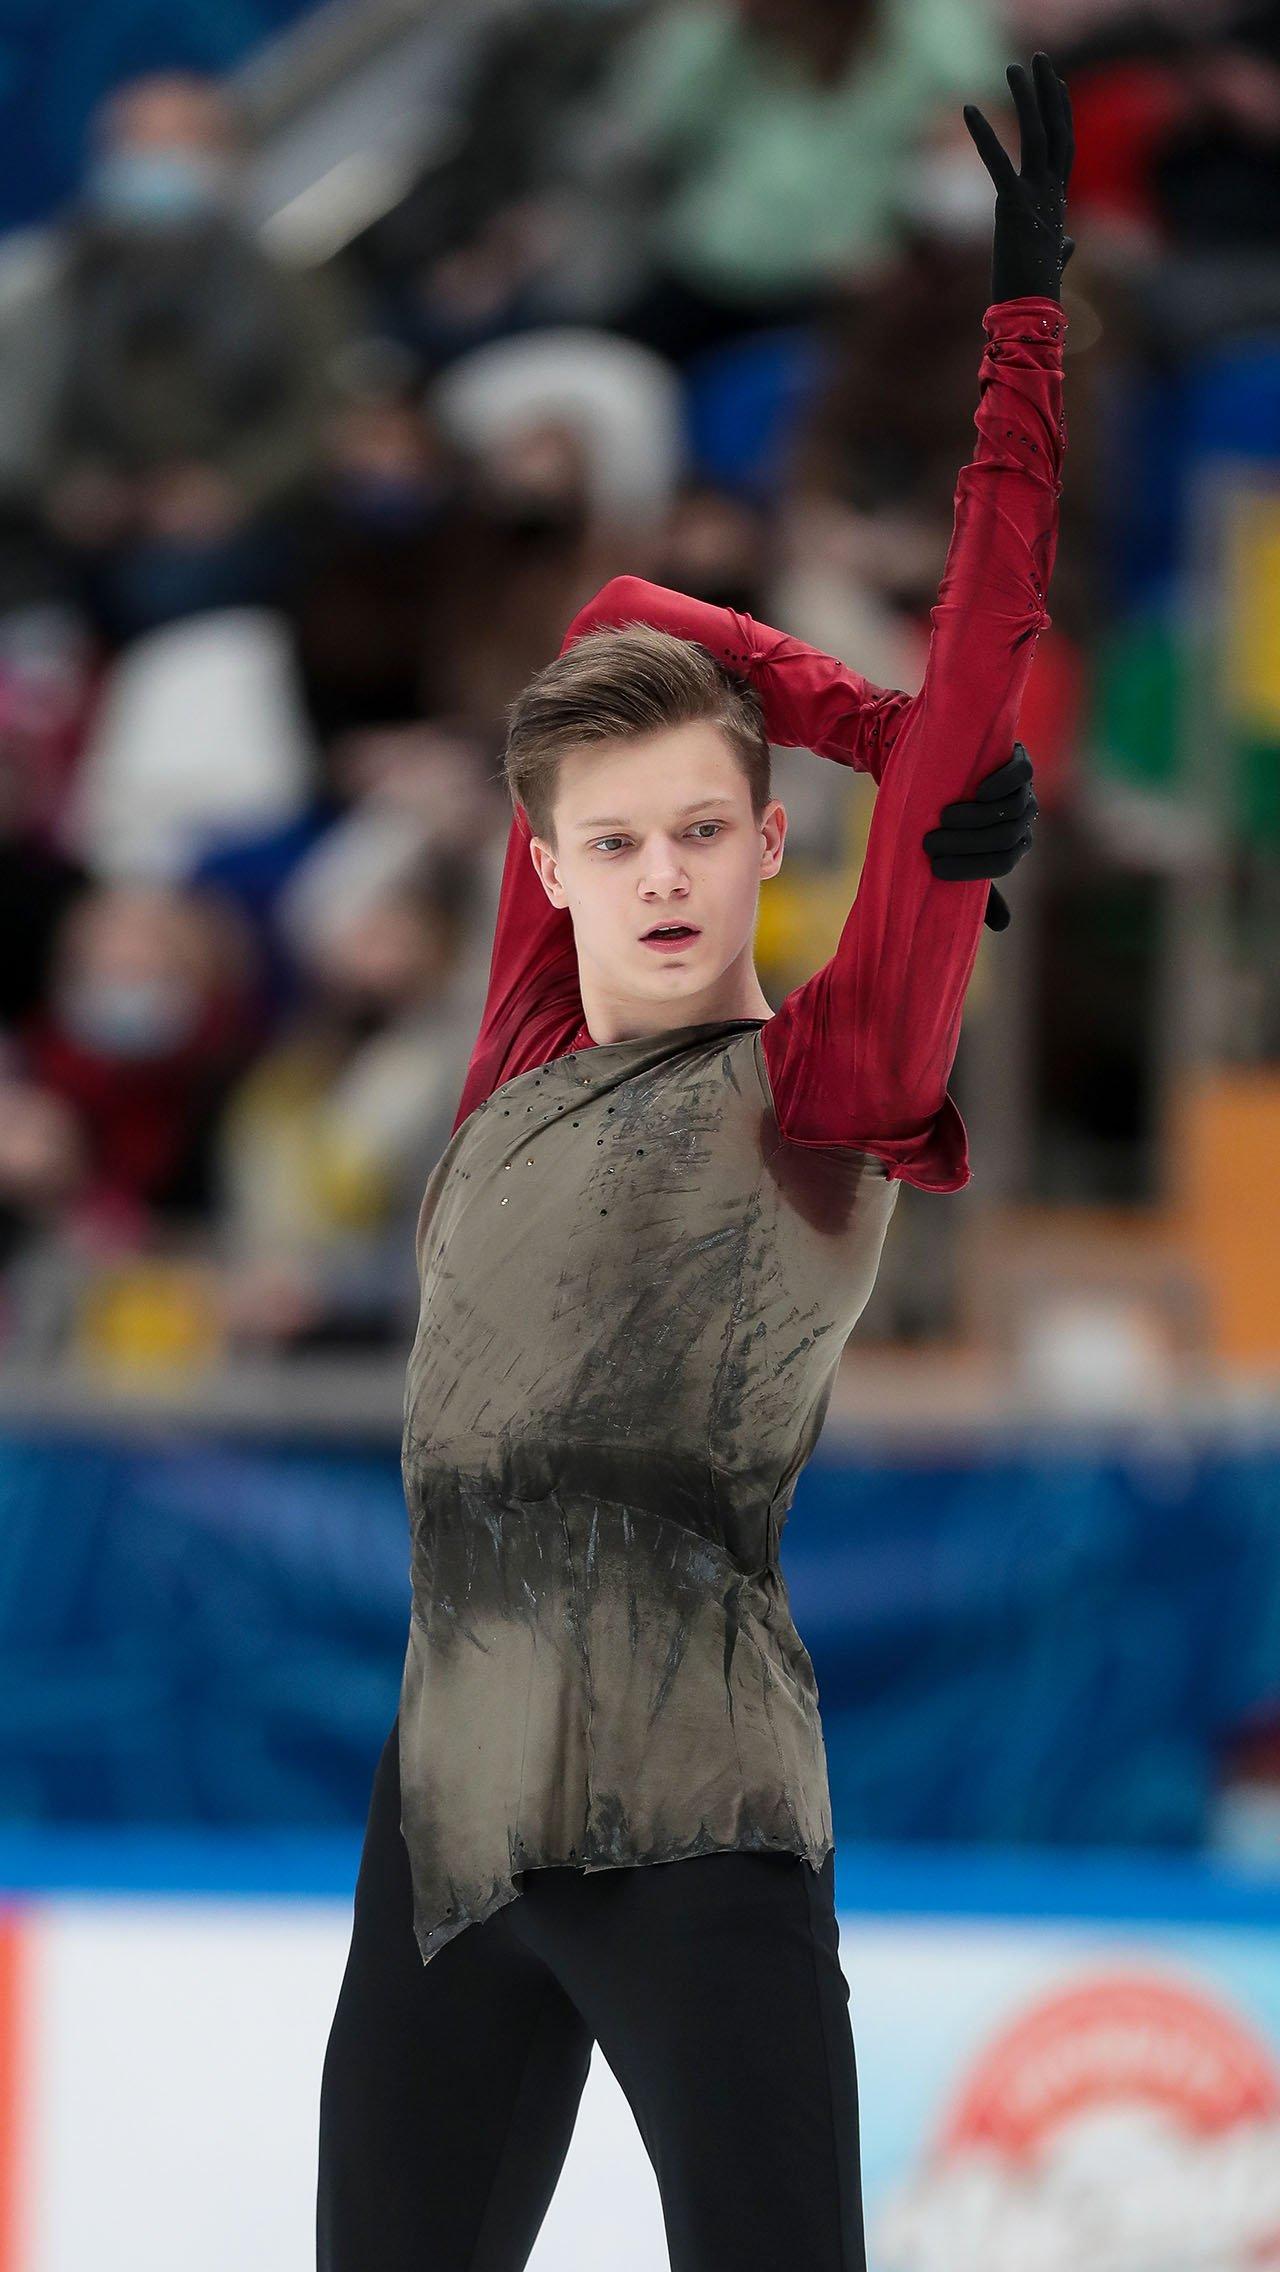 Избавлялся от части одежды и одиночник Евгений Семененко. К концу программы автор главного прорыва прошлого сезона катался с красным верхом.